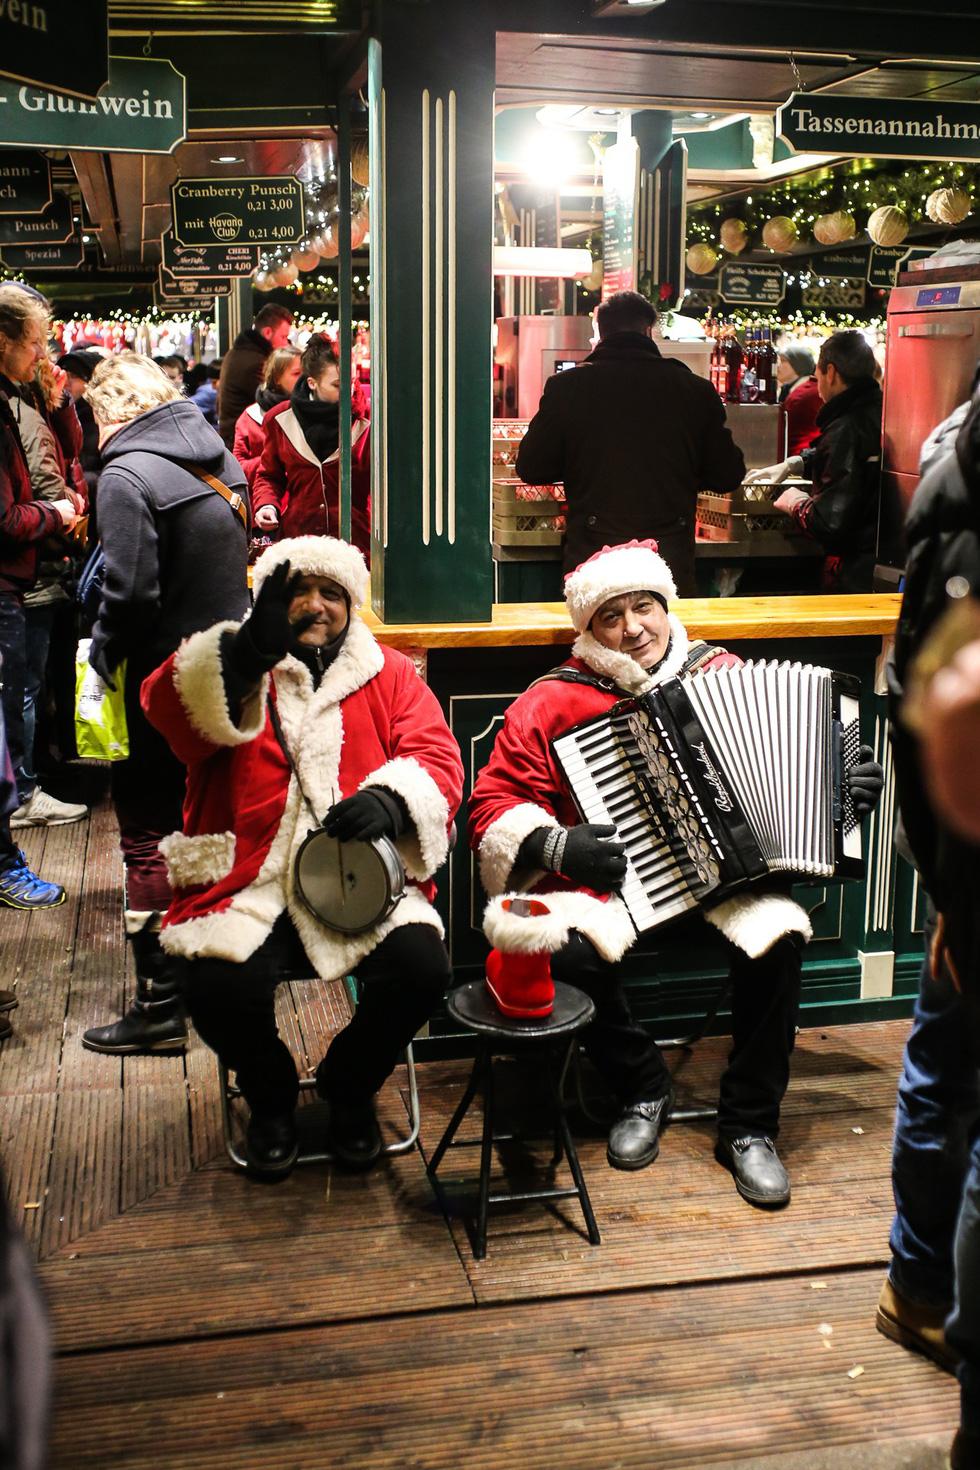 Đi chợ Giáng sinh trời Âu có gì vui? - Ảnh 18.